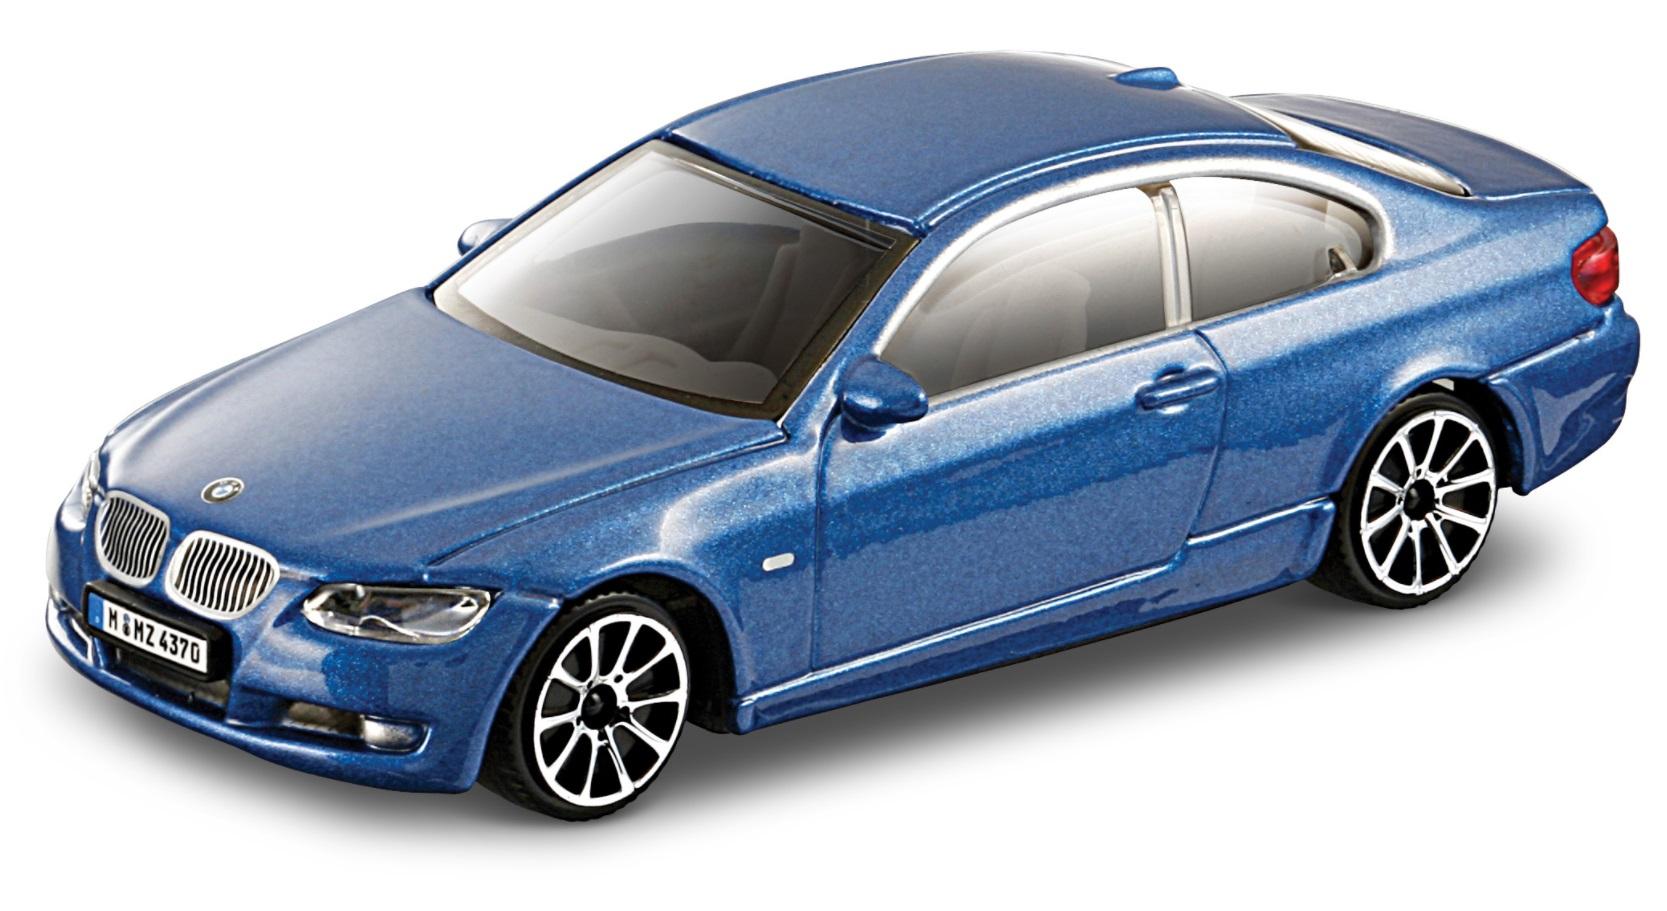 BMW 335I 2008 Scale 1:43 (Blue/Azul)